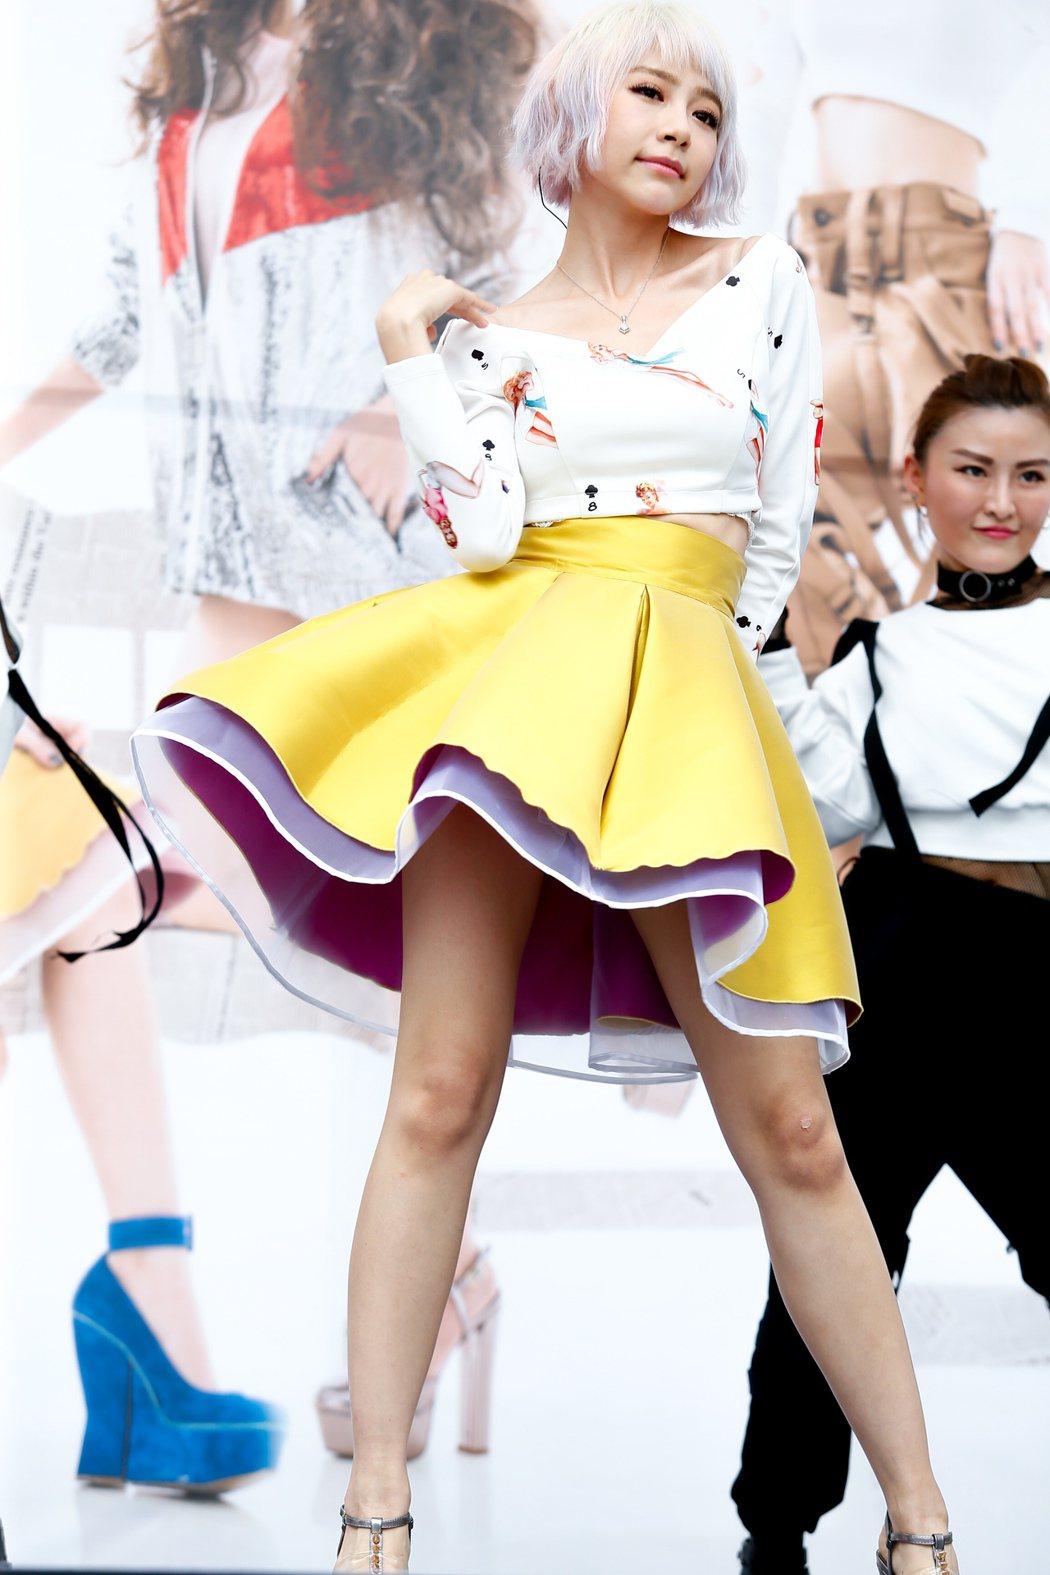 馬來西亞歌手林明禎今天下午在臺北西門紅樓舉辦單曲「#Me」預購簽唱會,出場一身復...